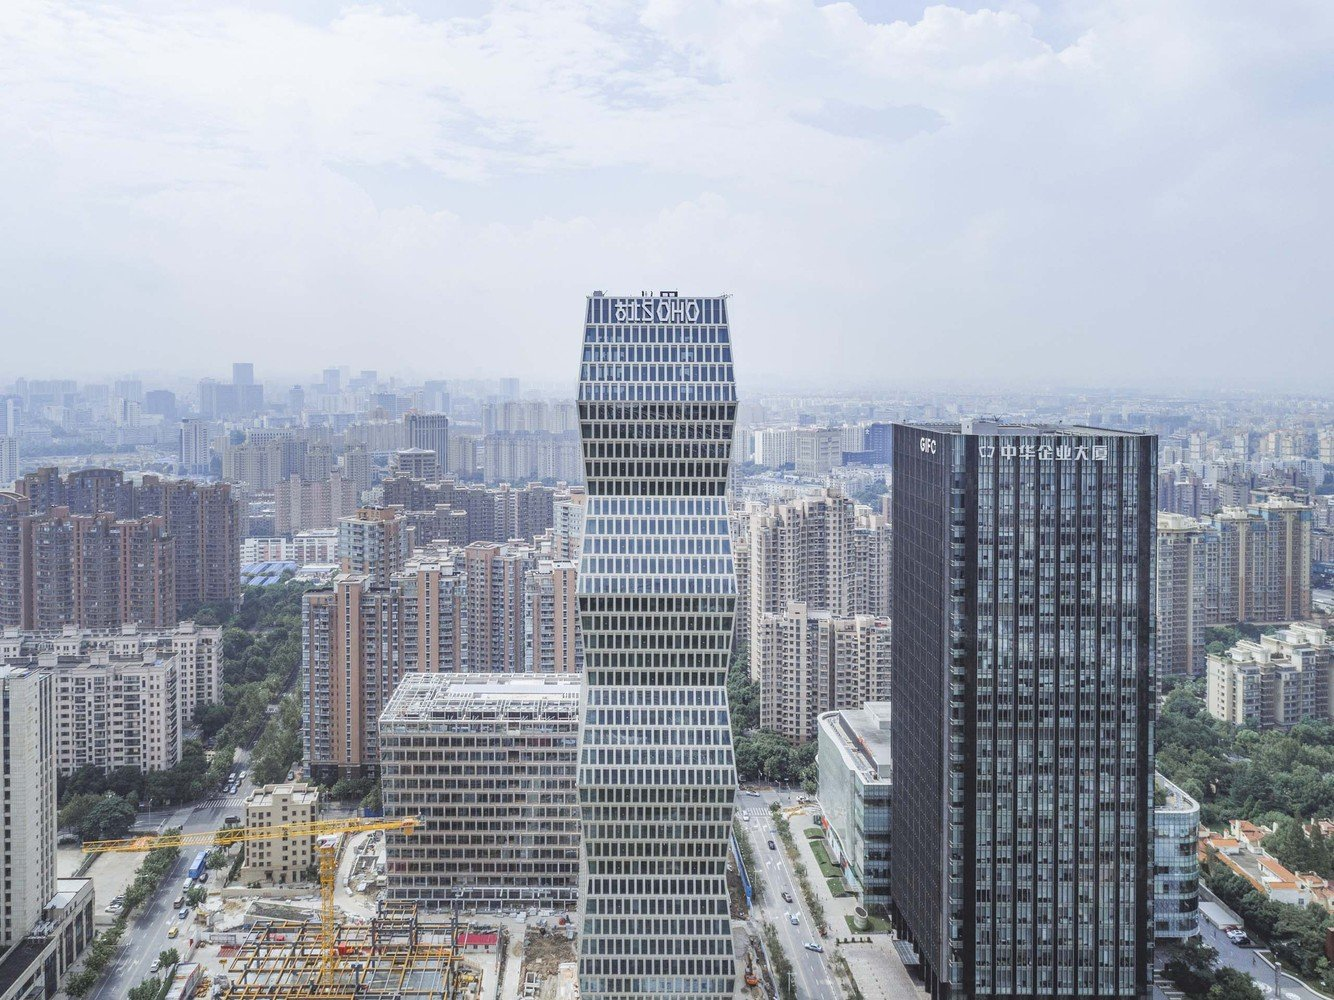 绿地soho同盟地址_上海古北 SOHO丨KPF|古北|商务区|新虹桥_新浪网